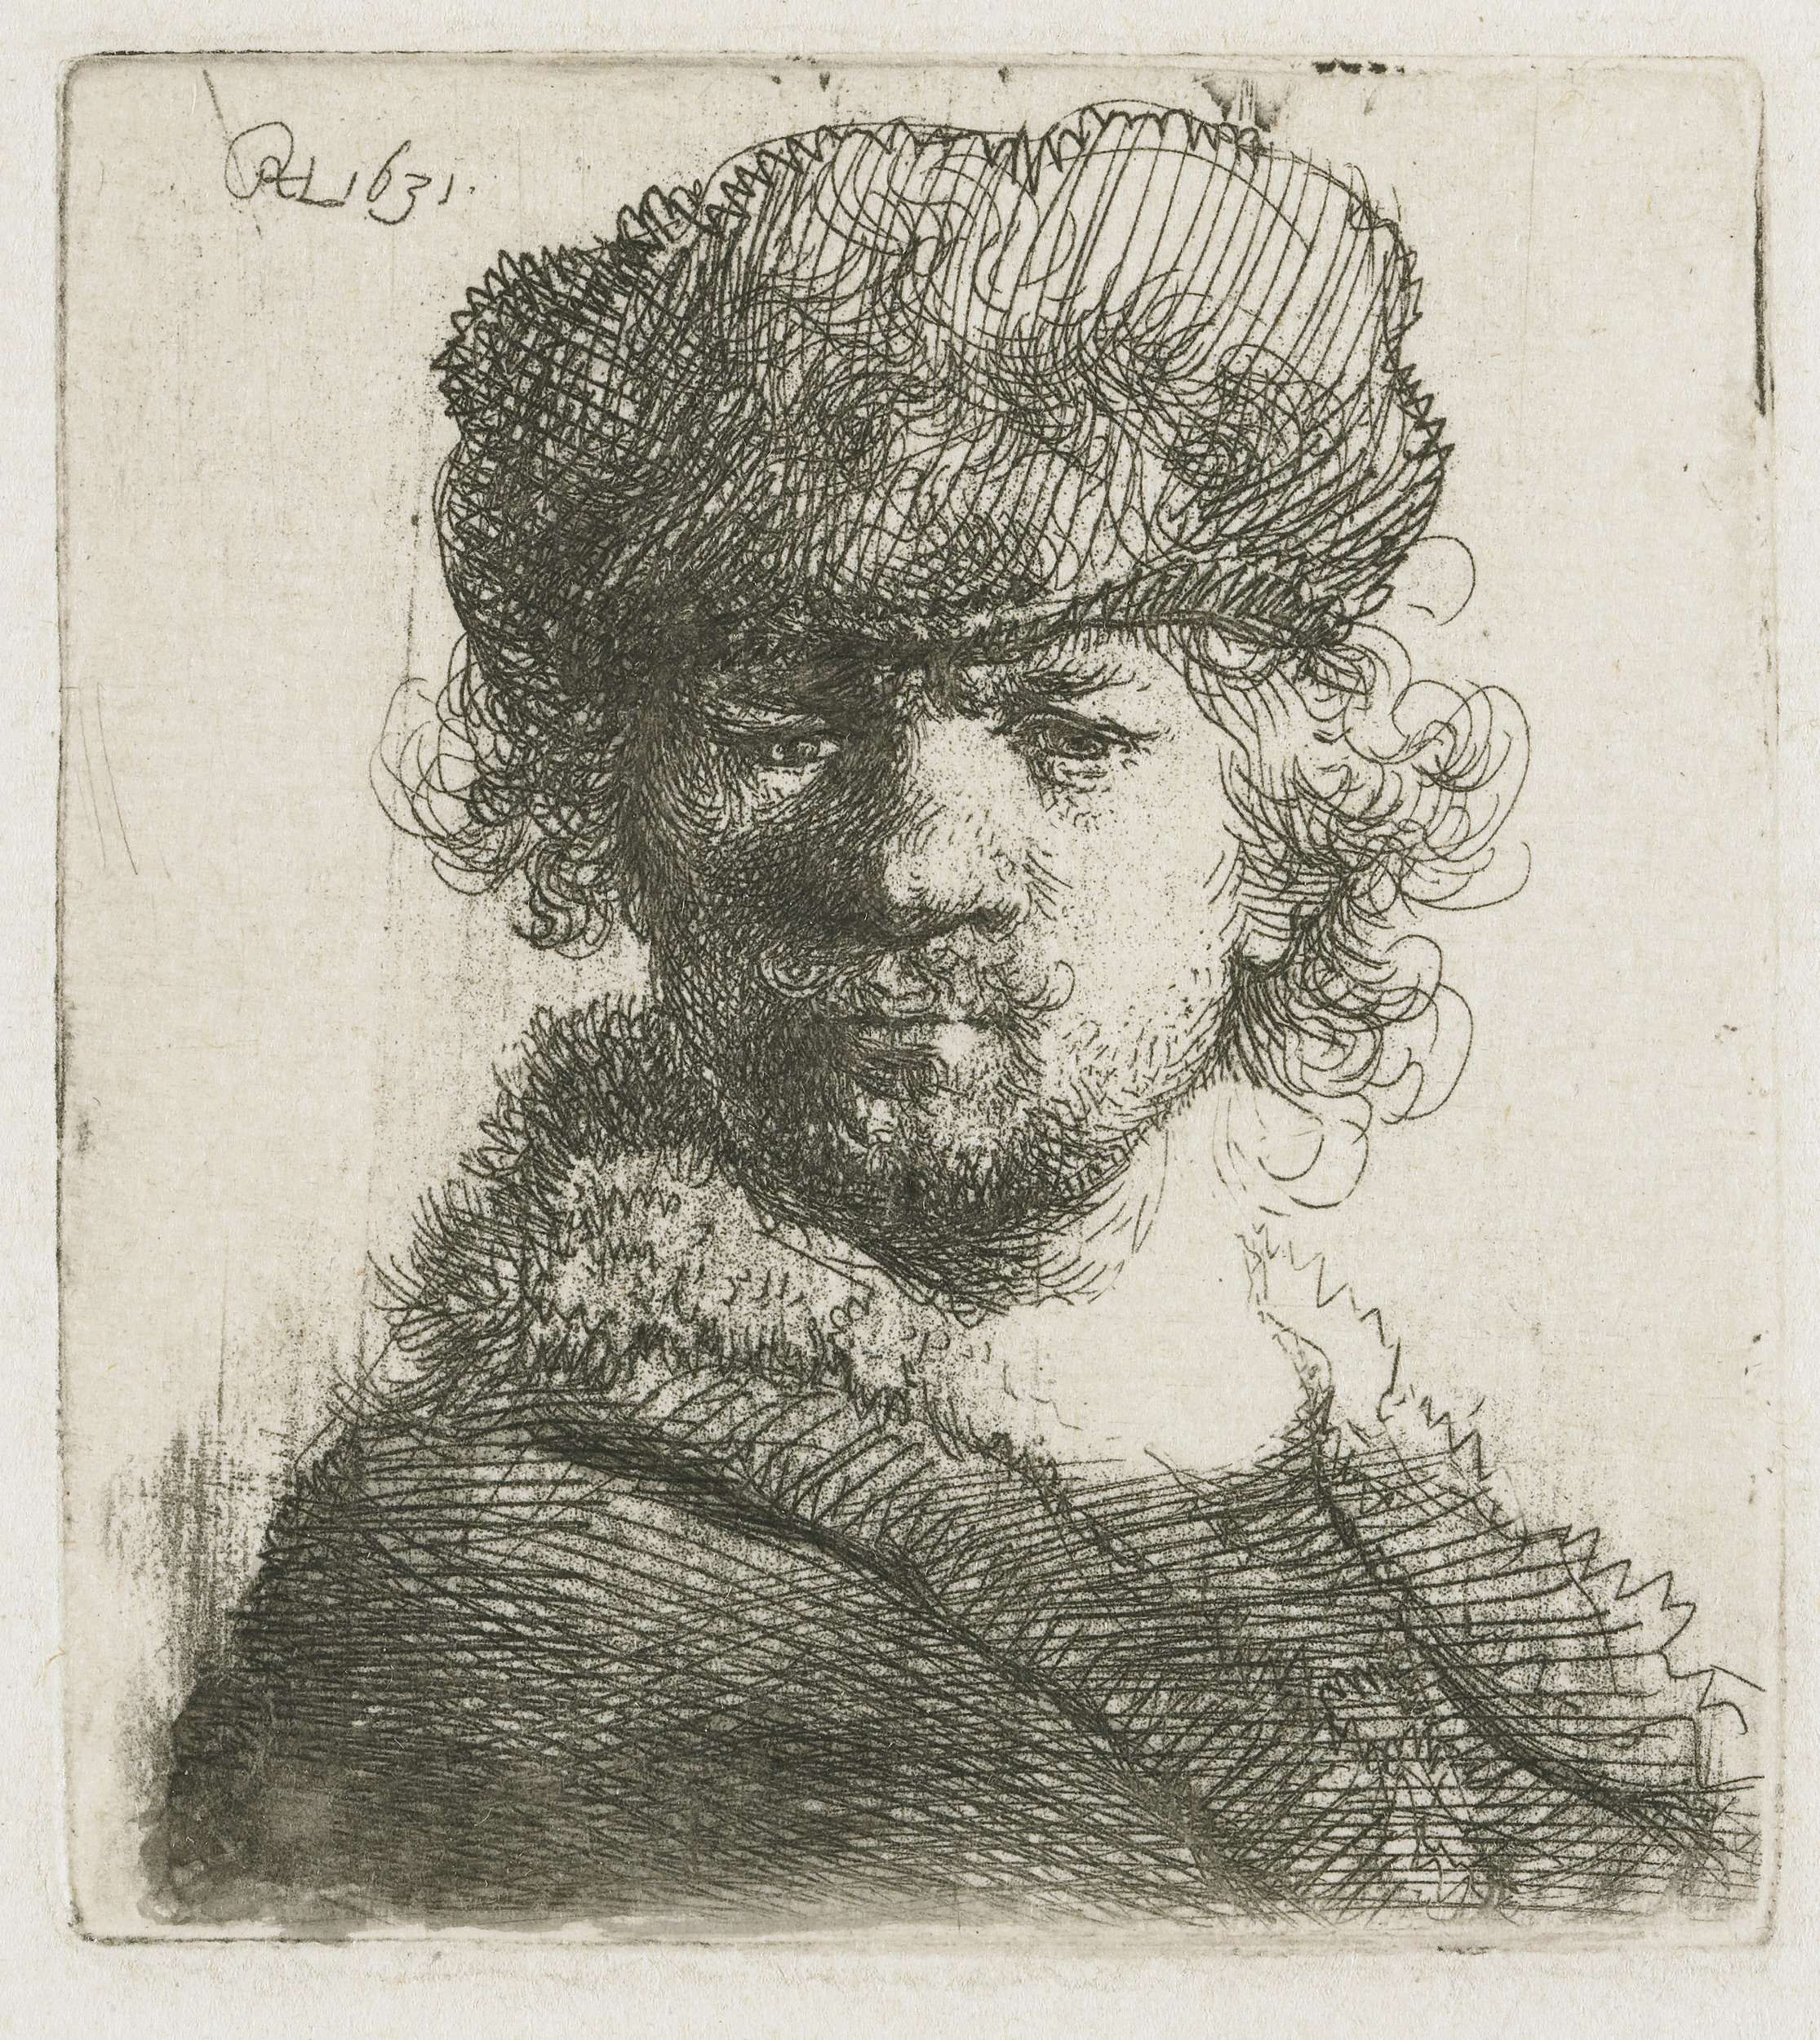 Автопортрет в меховой шапке и шубе (1631) (63 х 57 мм) (офорт). Rembrandt Harmensz van Rijn (1606-1669)